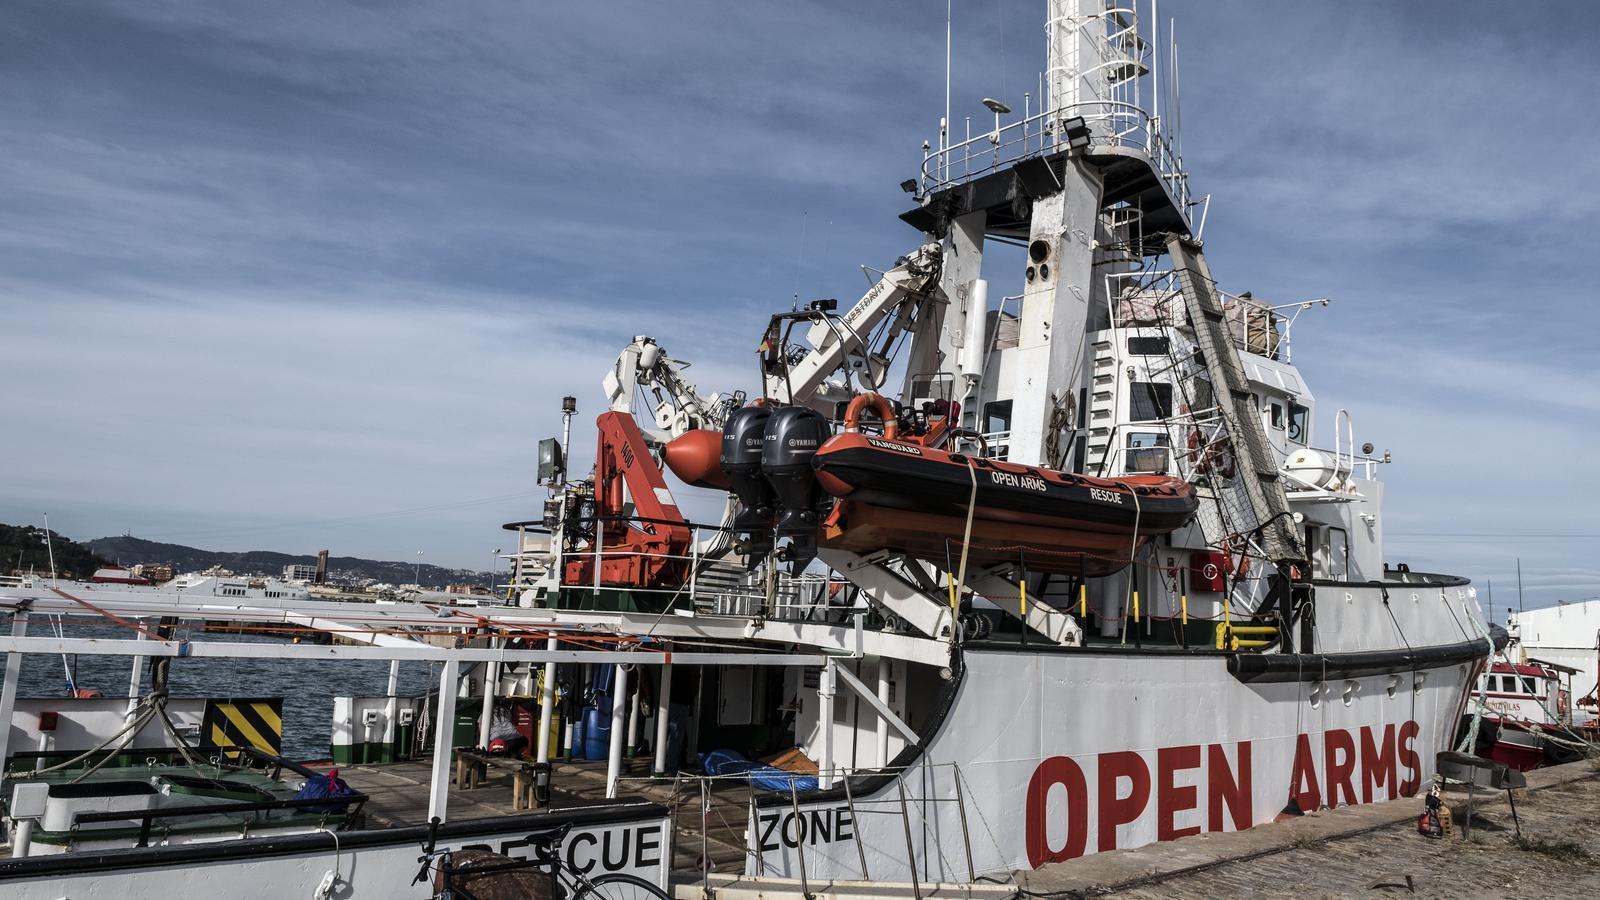 """Oscar Camps: """"L''Open Arms' és massa vell, si no podem reparar-lo a fons o comprar un vaixell nou haurem de plegar"""""""